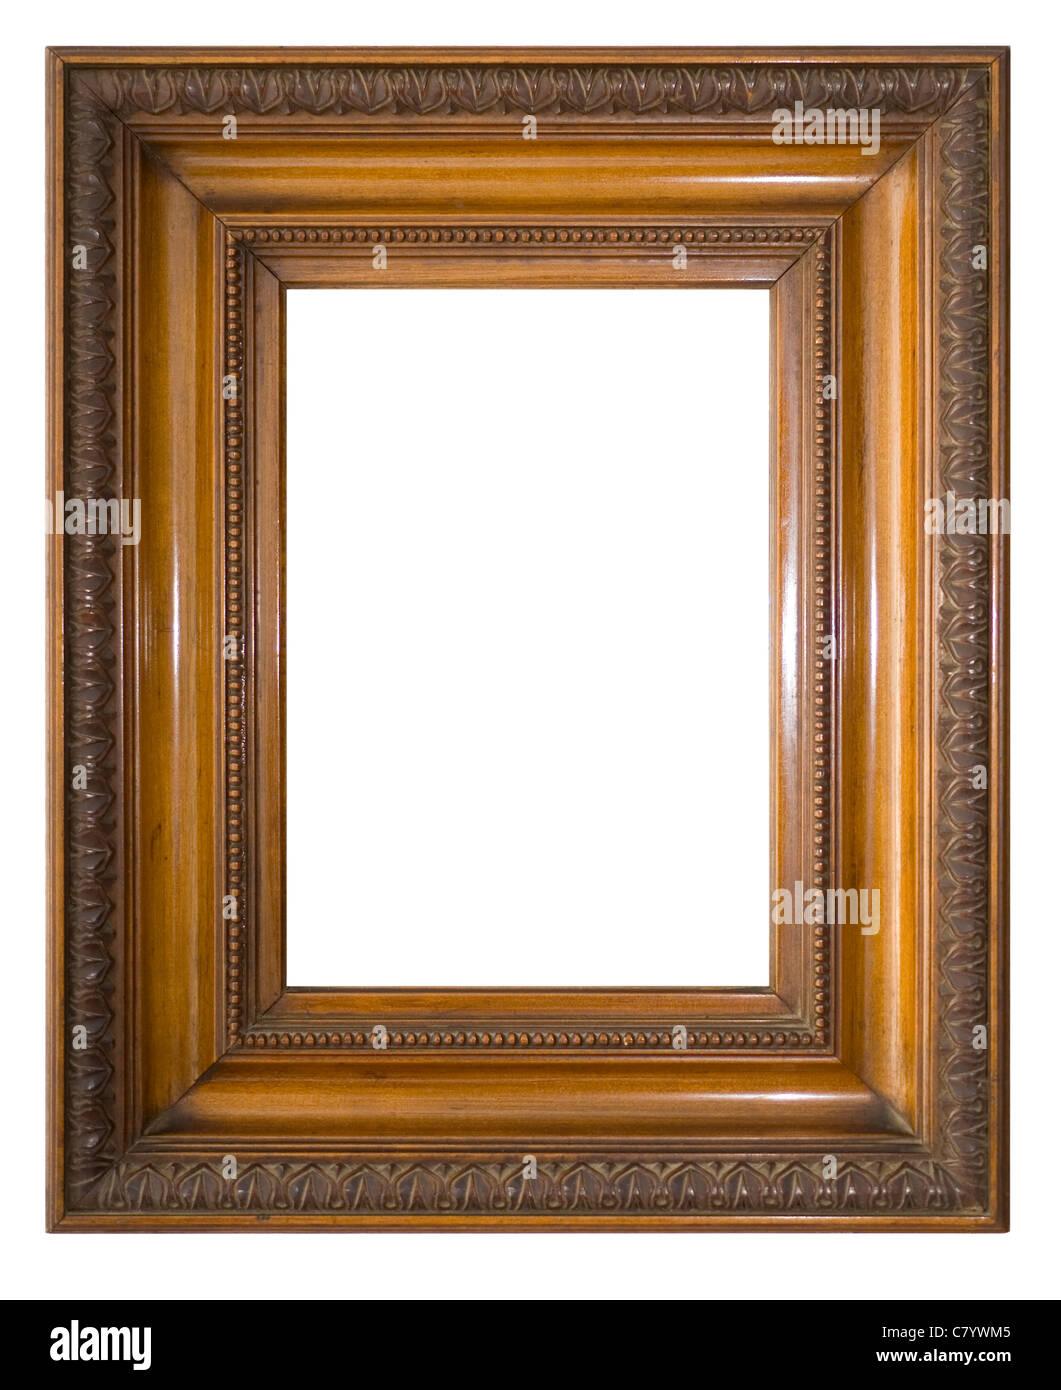 Eine antike viktorianische Bilderrahmen, isoliert auf weiss mit Beschneidungspfad. Stockbild